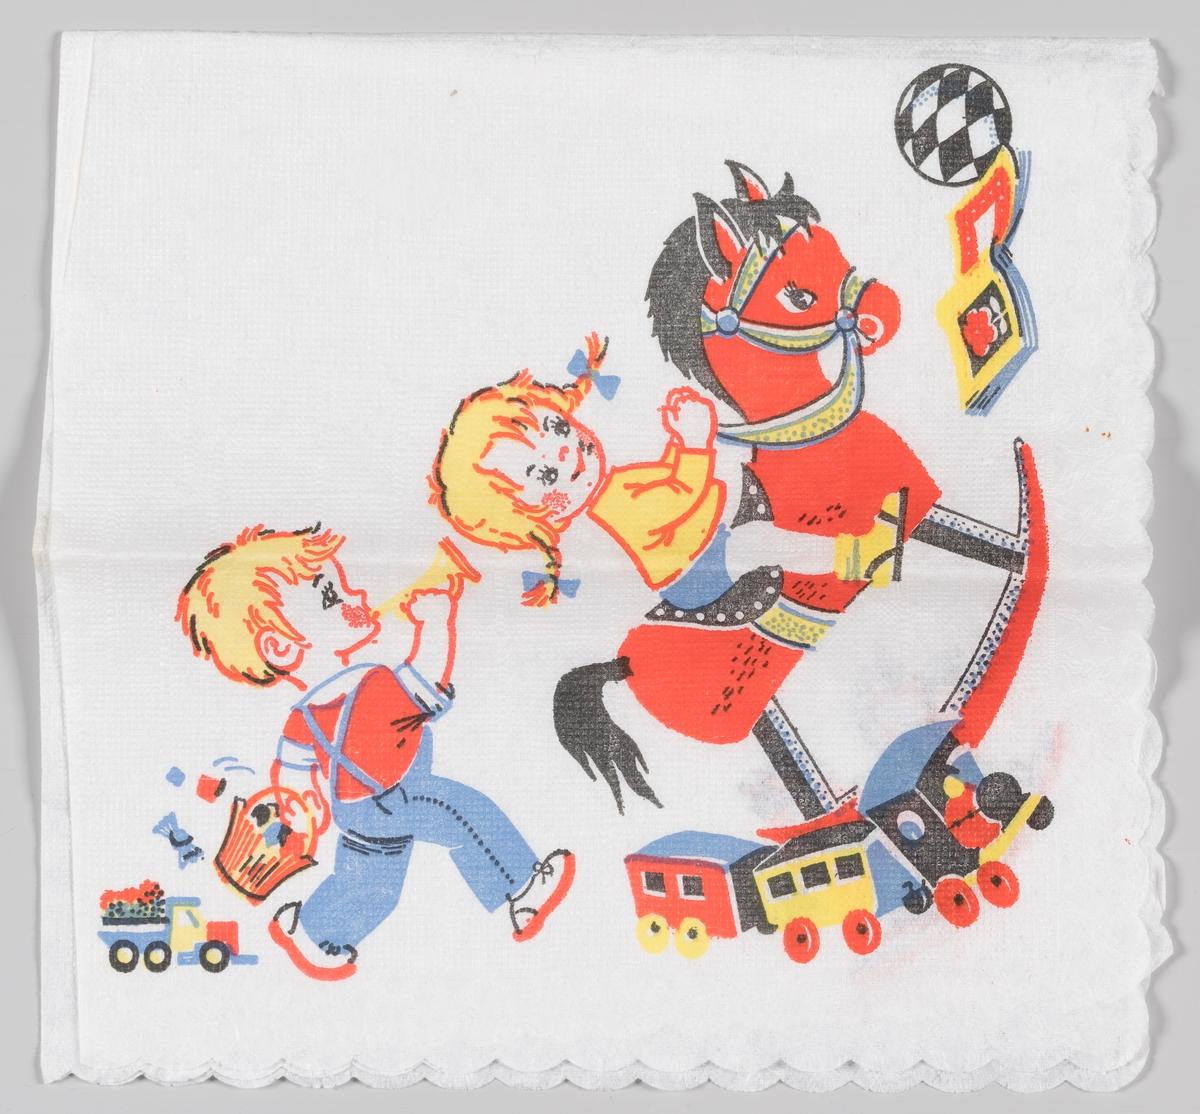 En jente på en gyngehest og en gutt som blåser i trompet og går med en kurv med godteri. Barna er omgitt av leker på gulvet.